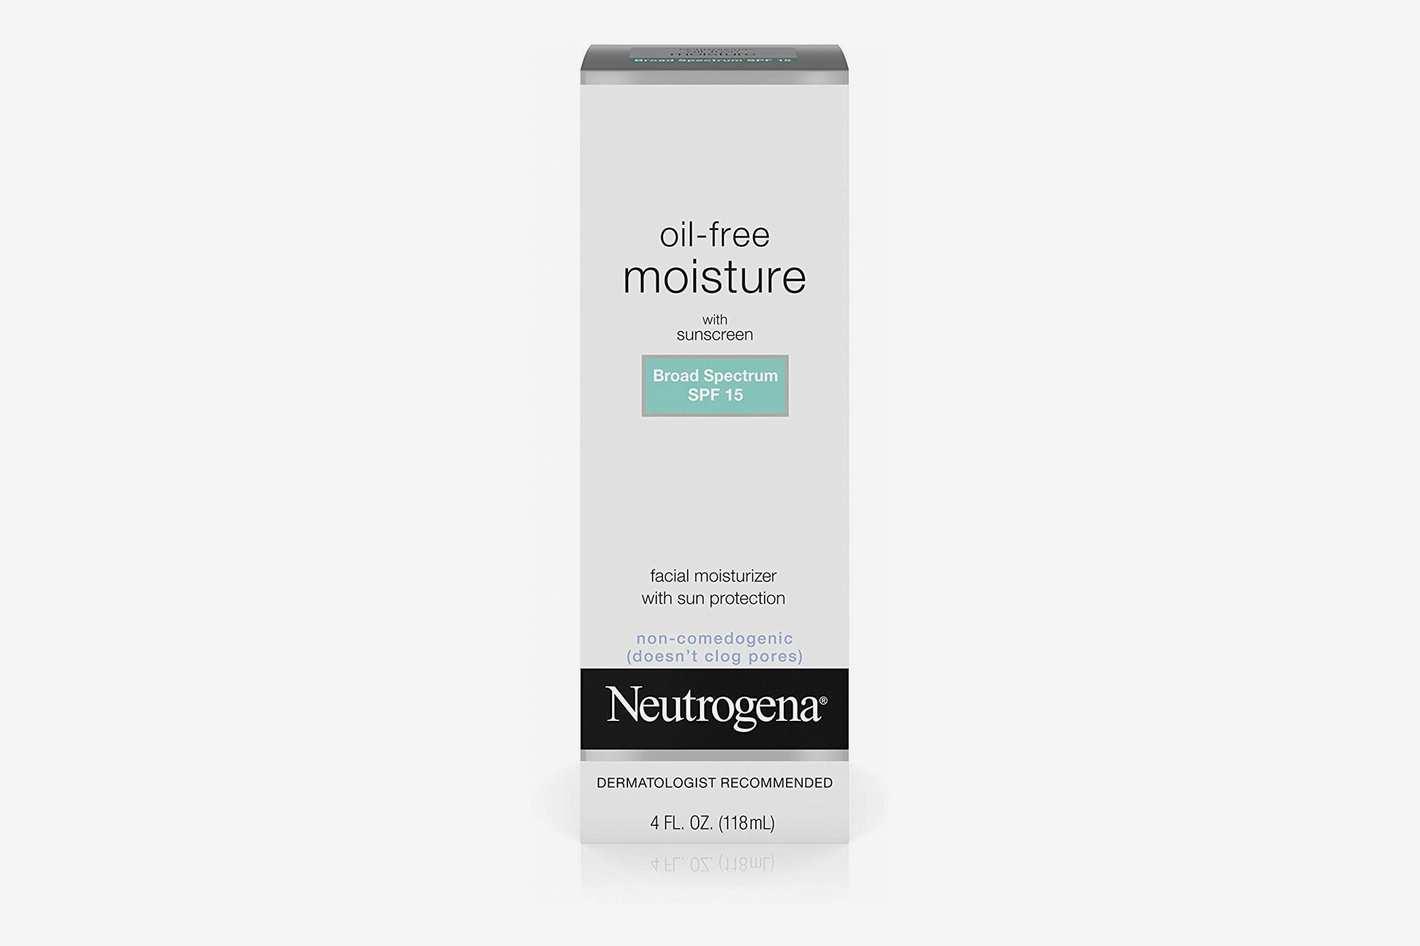 Neutrogena Oil Free Moisturizer with Sunscreen